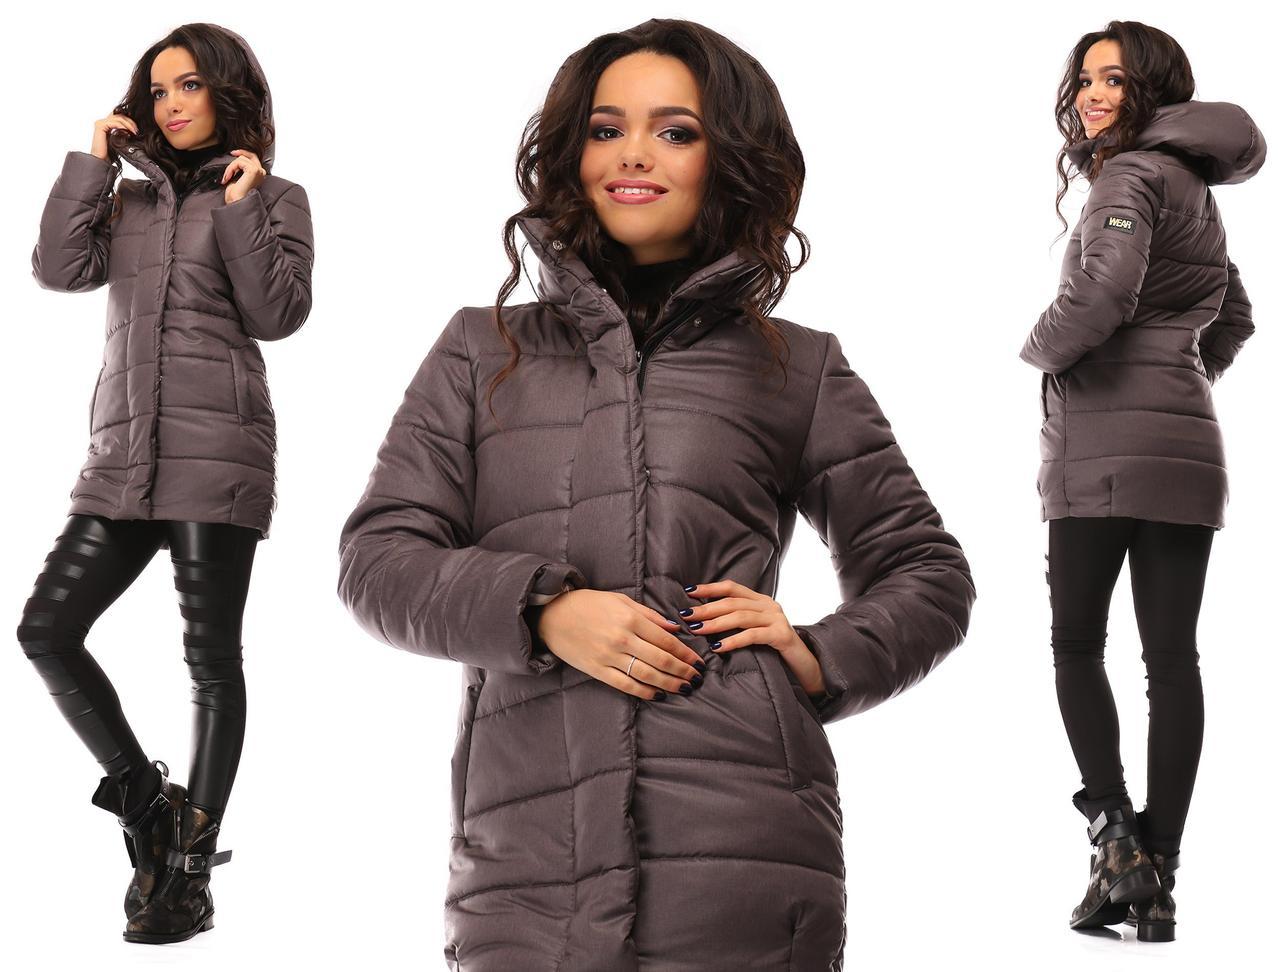 Куртка женская зимняя с капюшоном на синтепоне  Коричневый, 44